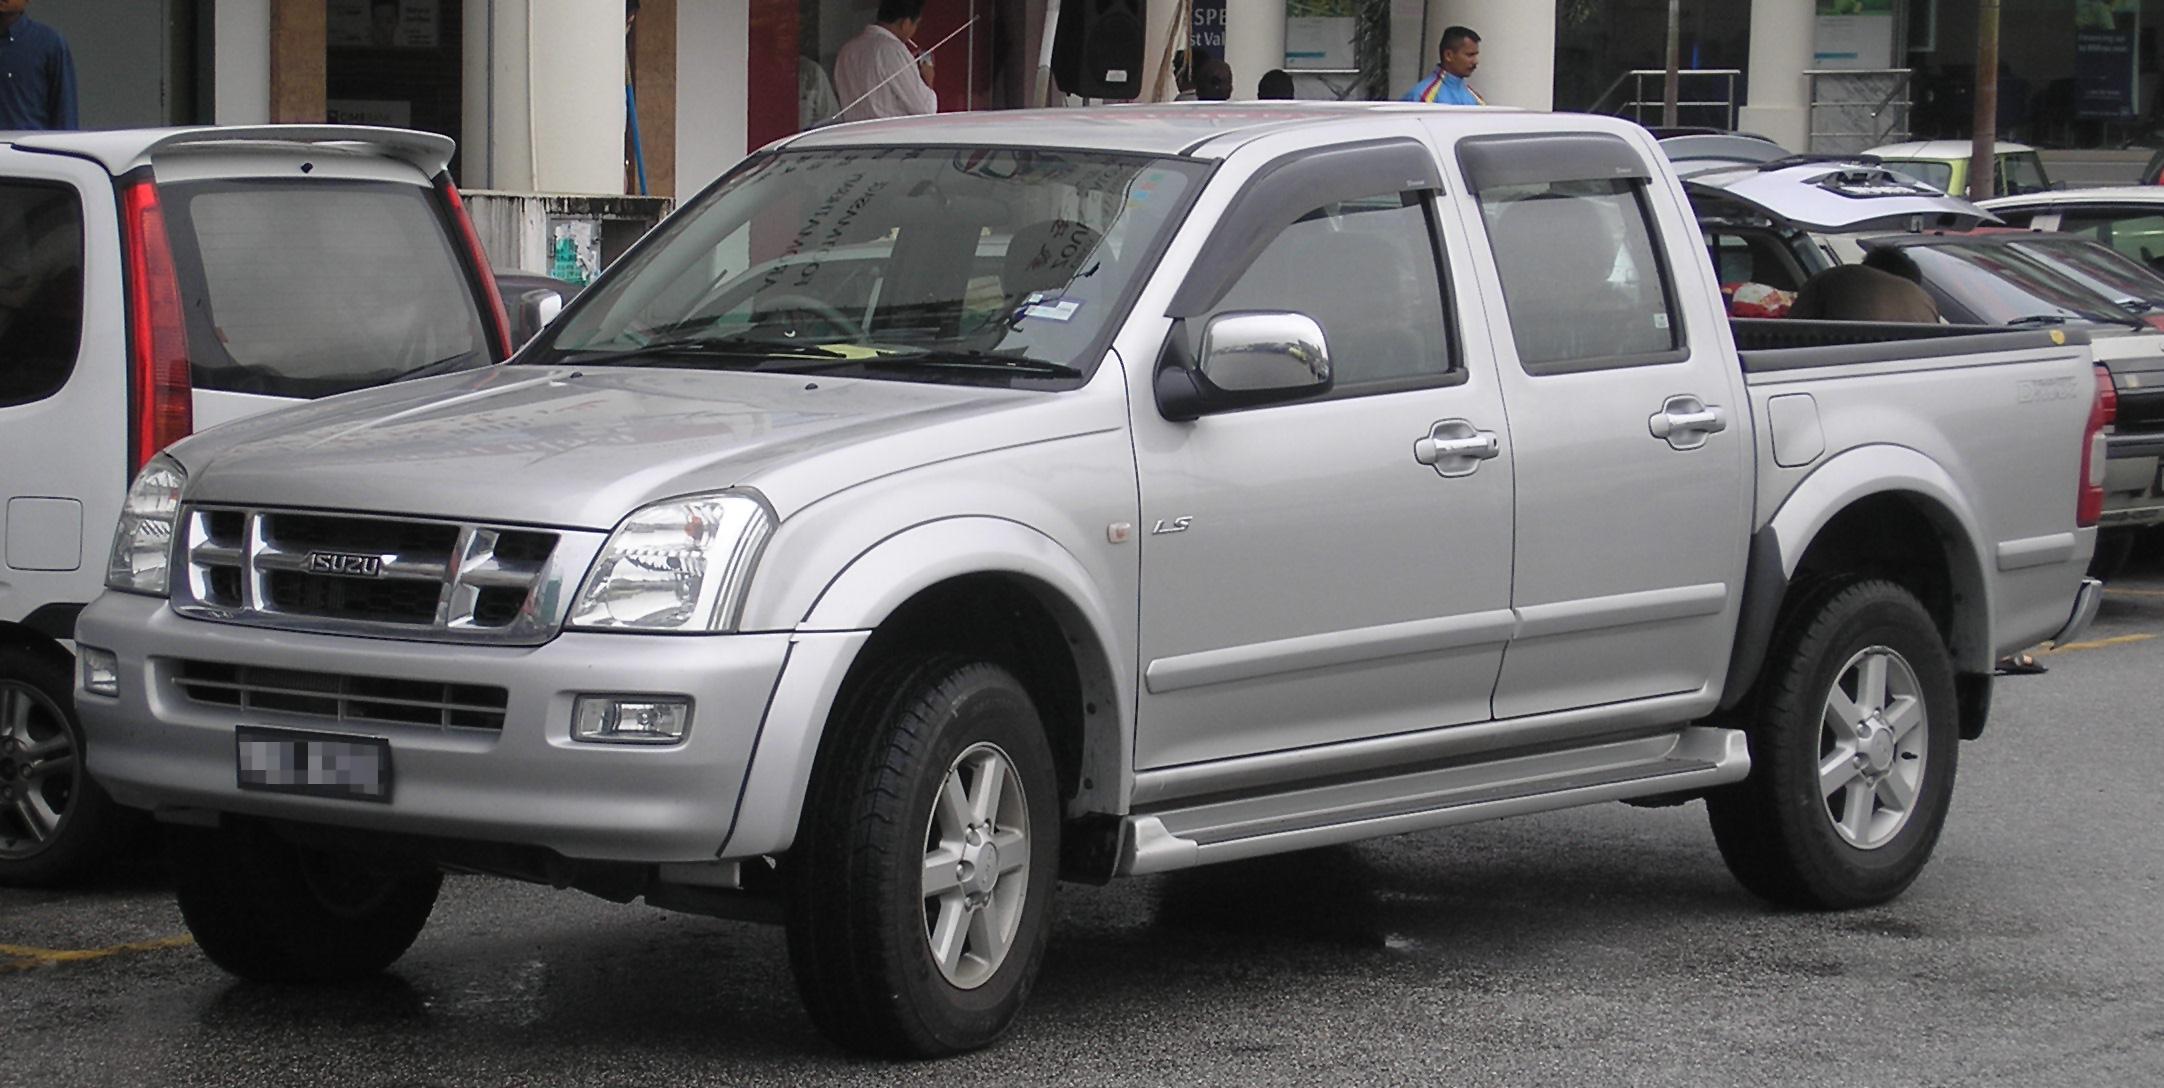 Description Isuzu D-Max (first generation) (front), Serdang.jpg